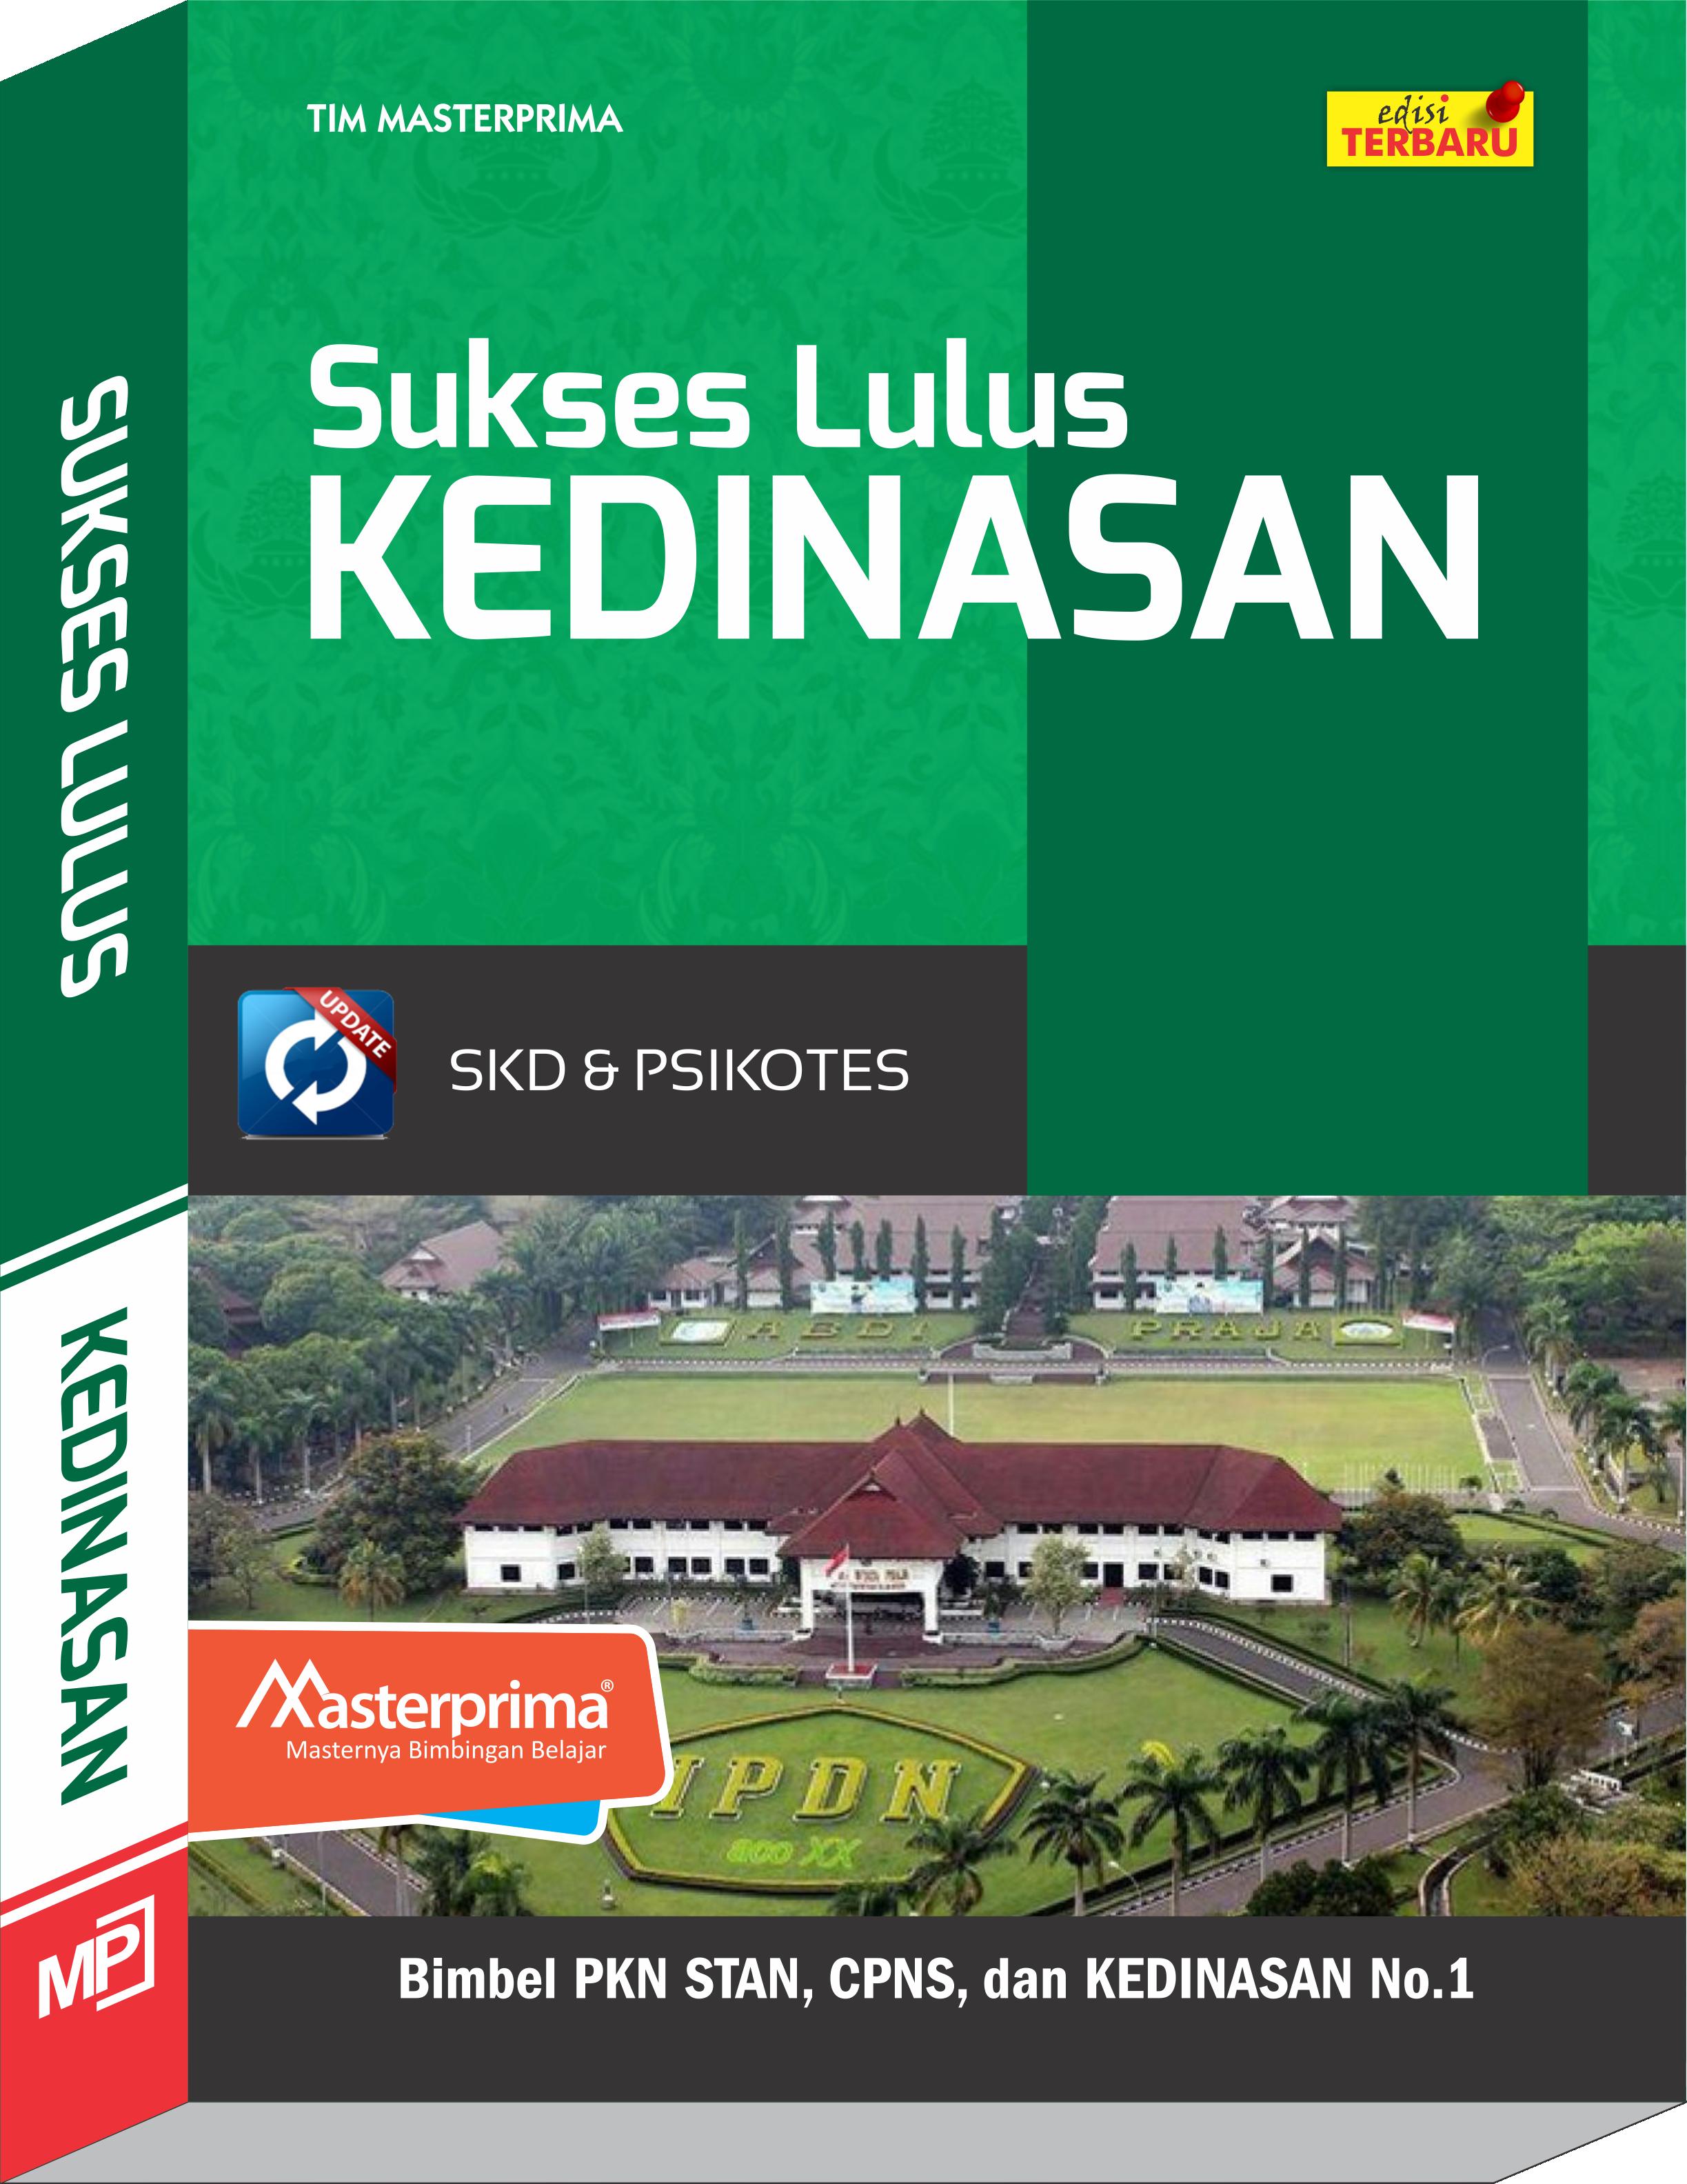 7 Perguruan Tinggi Kedinasan Favorit Pelajar Indonesia